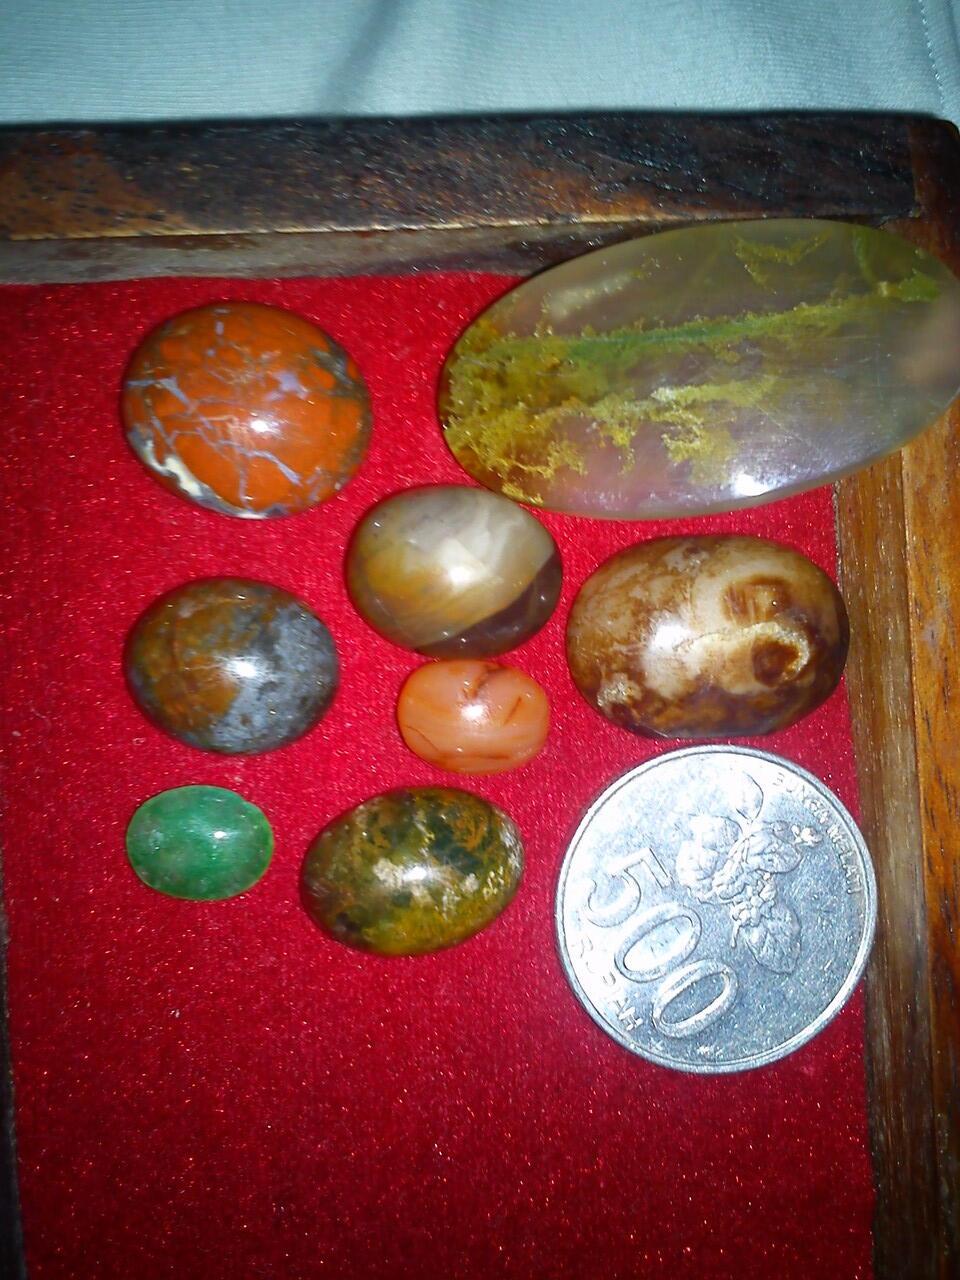 lelang batu akik koleksi pribadi,cekidot!!